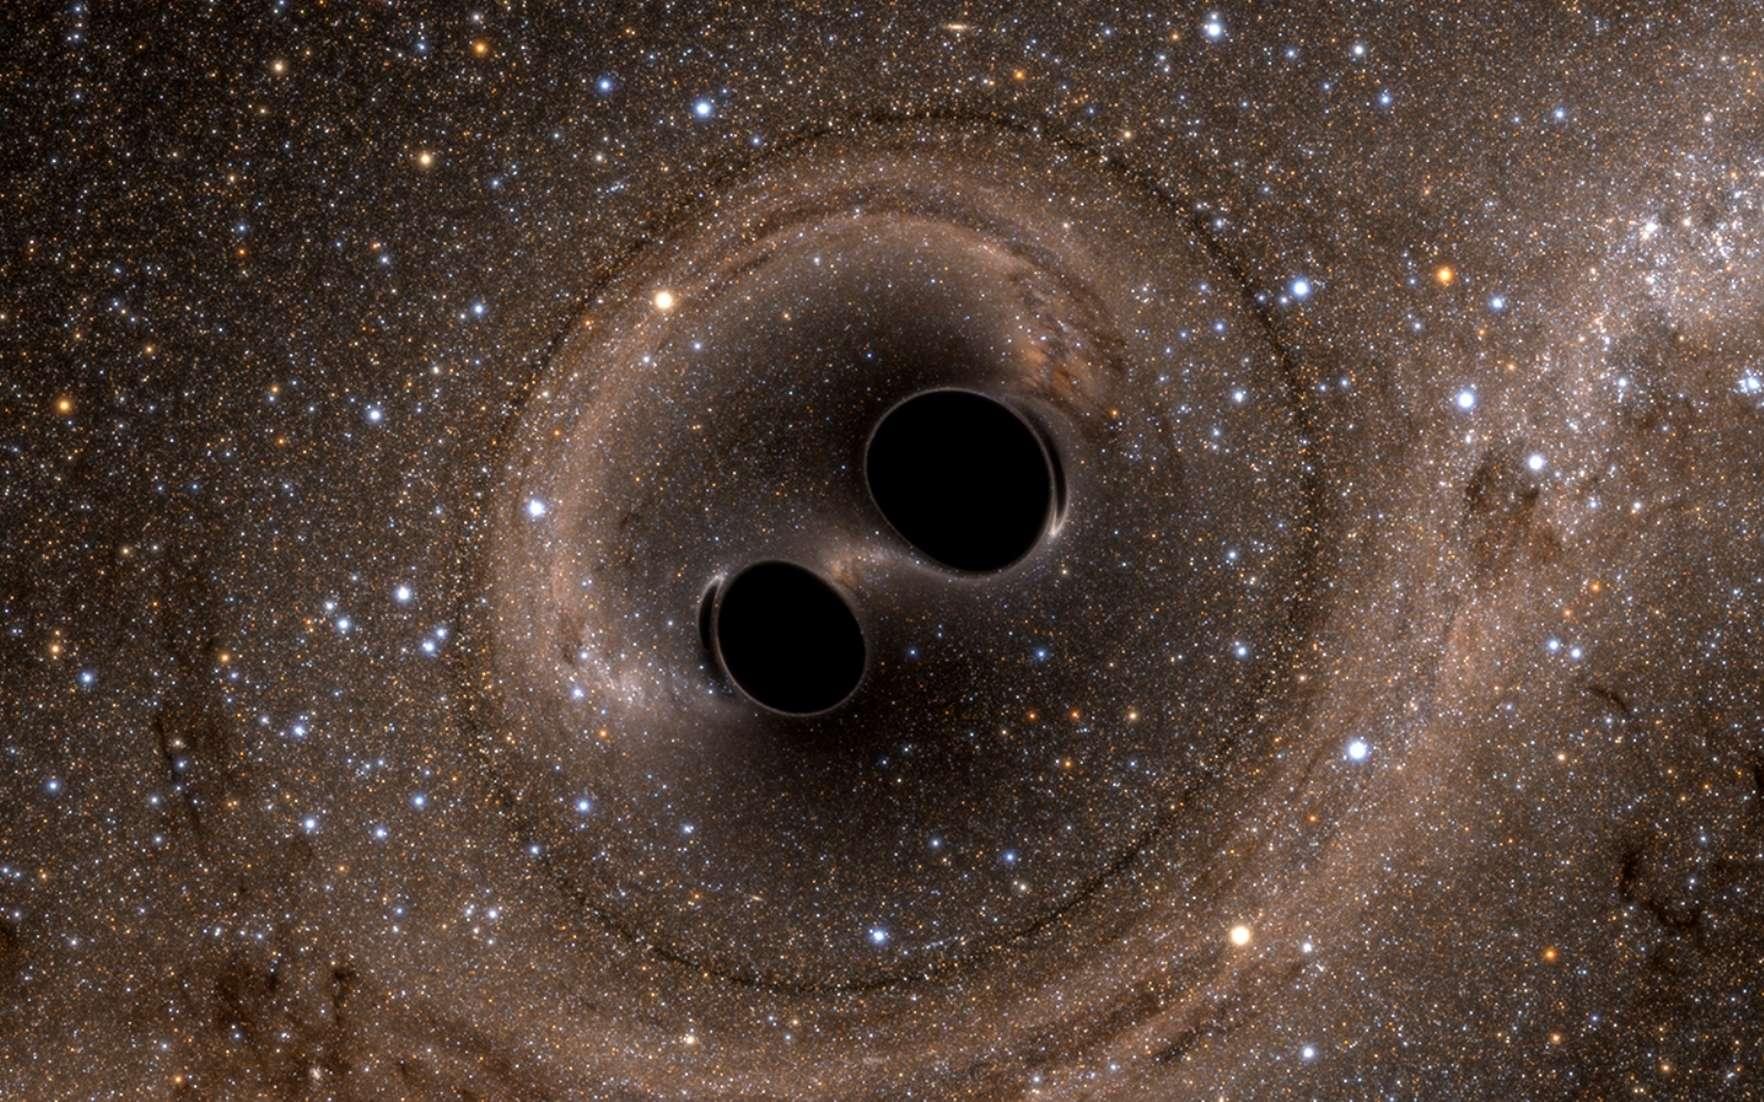 Les ondes gravitationnelles seront-elles bientôt détectables grâce aux pulsars ? Ici, deux trous noirs supermassifs sur le point de fusionner dans une simulation numérique réaliste sur ordinateur. © SXS